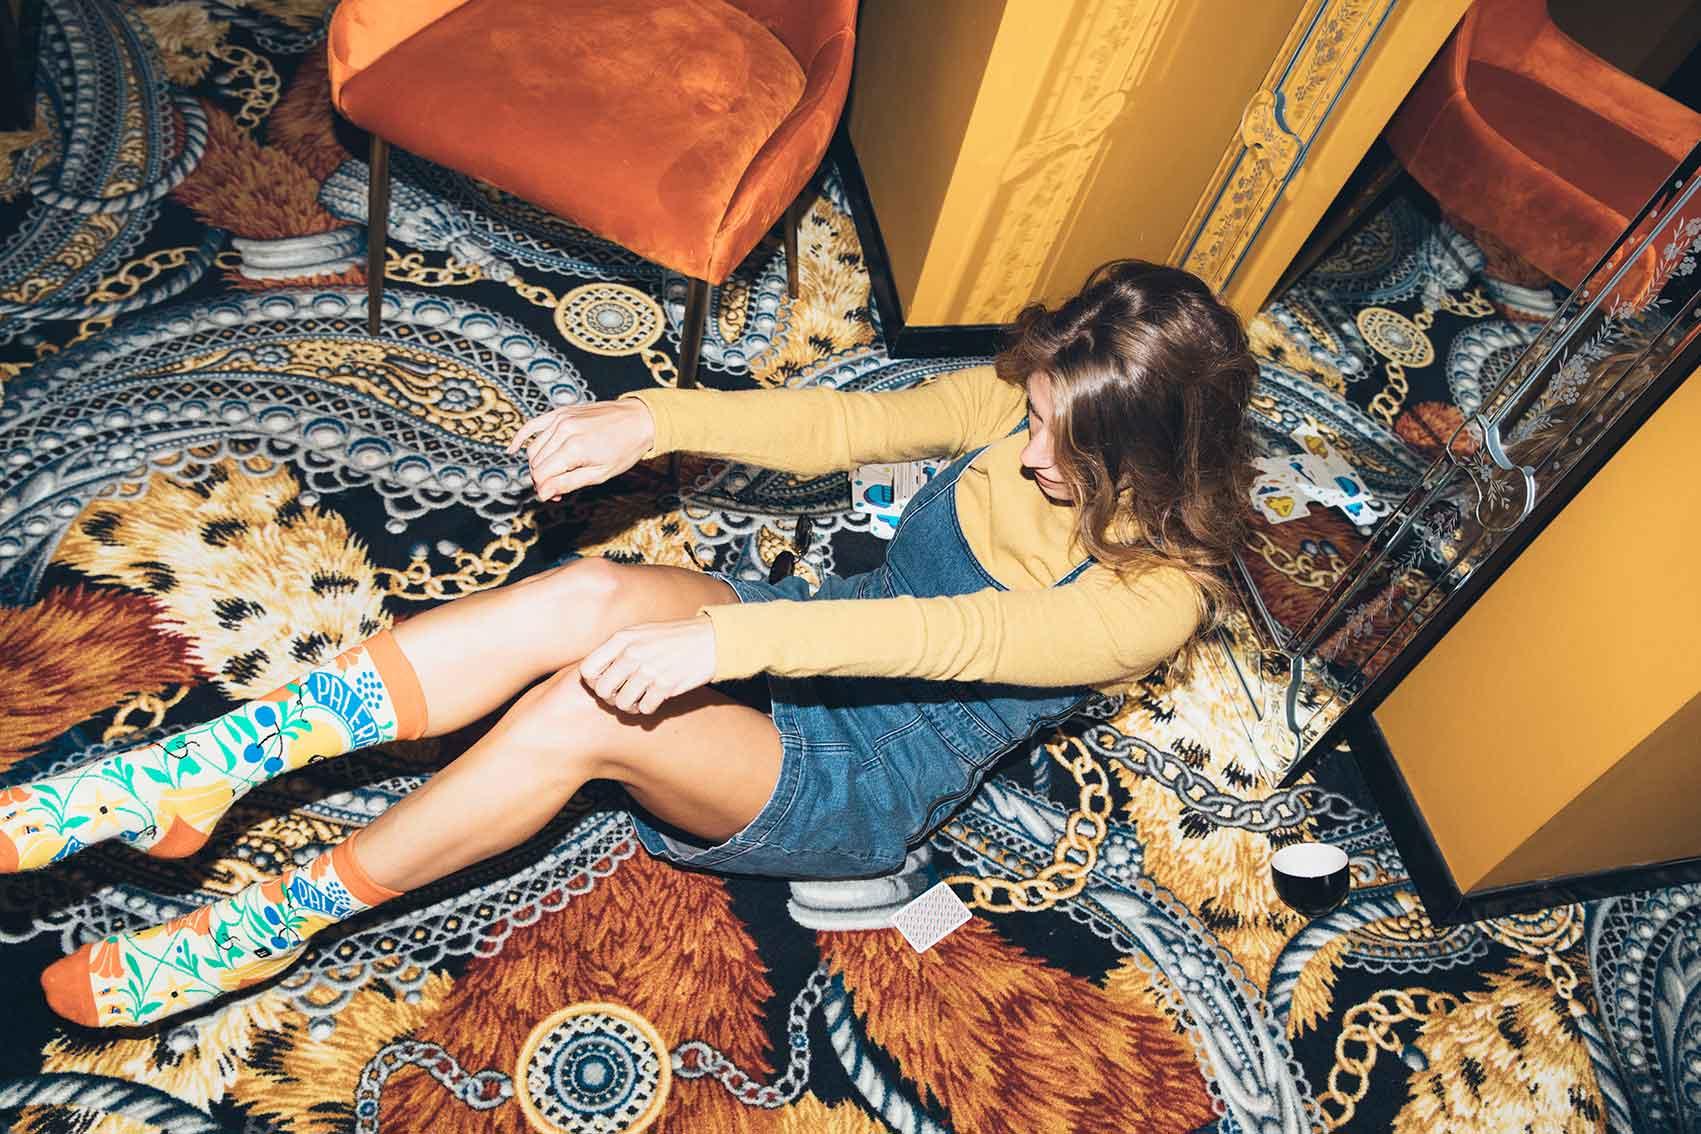 רונה-נאמן-הפקות-אופנה-גולף צהוב: ברנדה, שמלה: urban outfitters, גרביים: collectoe socks-מלונות בראון